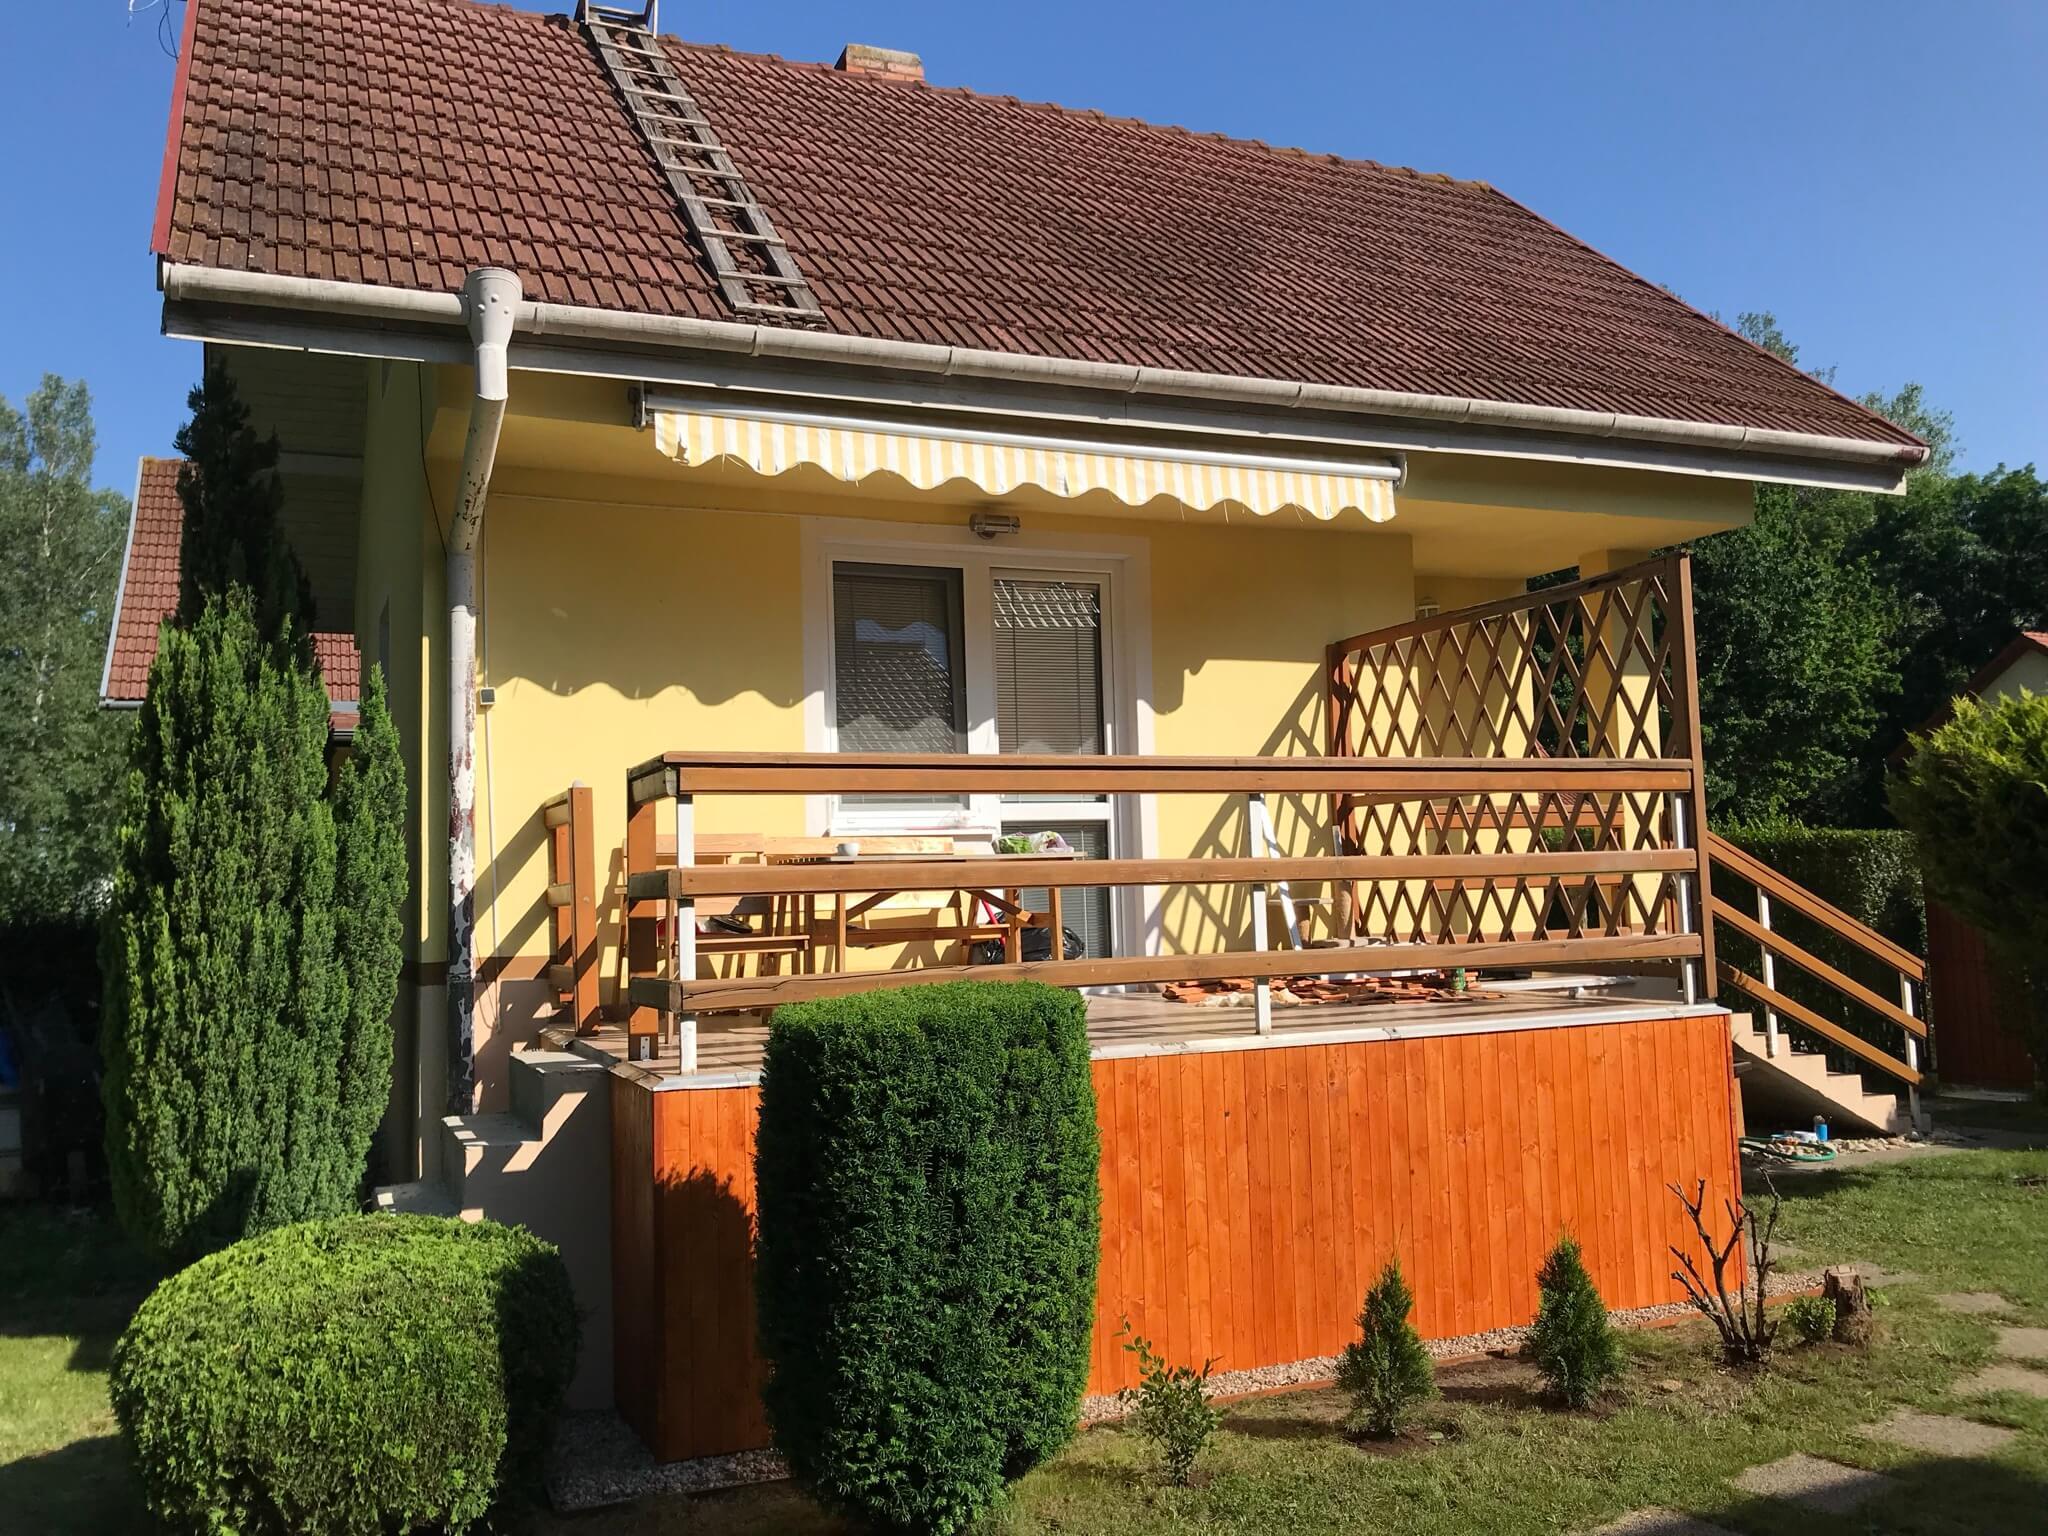 Predané: Exkluzívne 3 izbová chata o výmere 70m2 s 300m2 pozemkom, 2 podložná, v Gabčíkove pri hrádzi, kompe-0